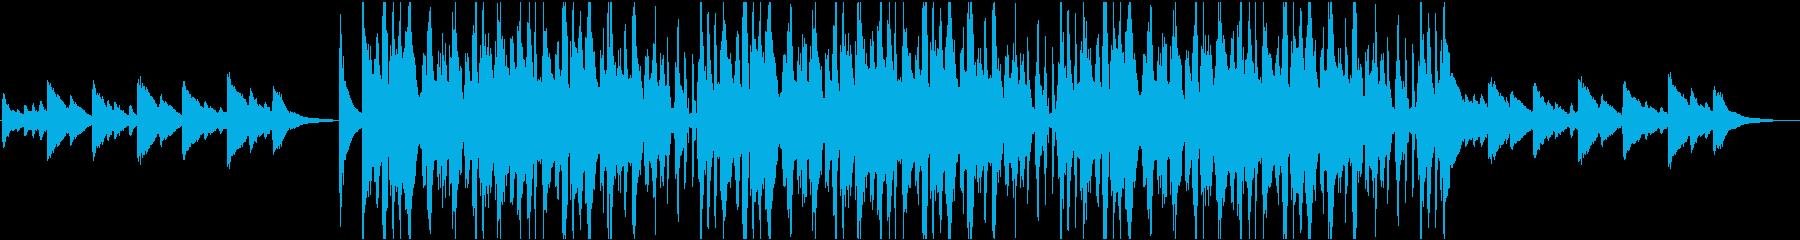 ビブラフォンでの悲しいコード進行は...の再生済みの波形